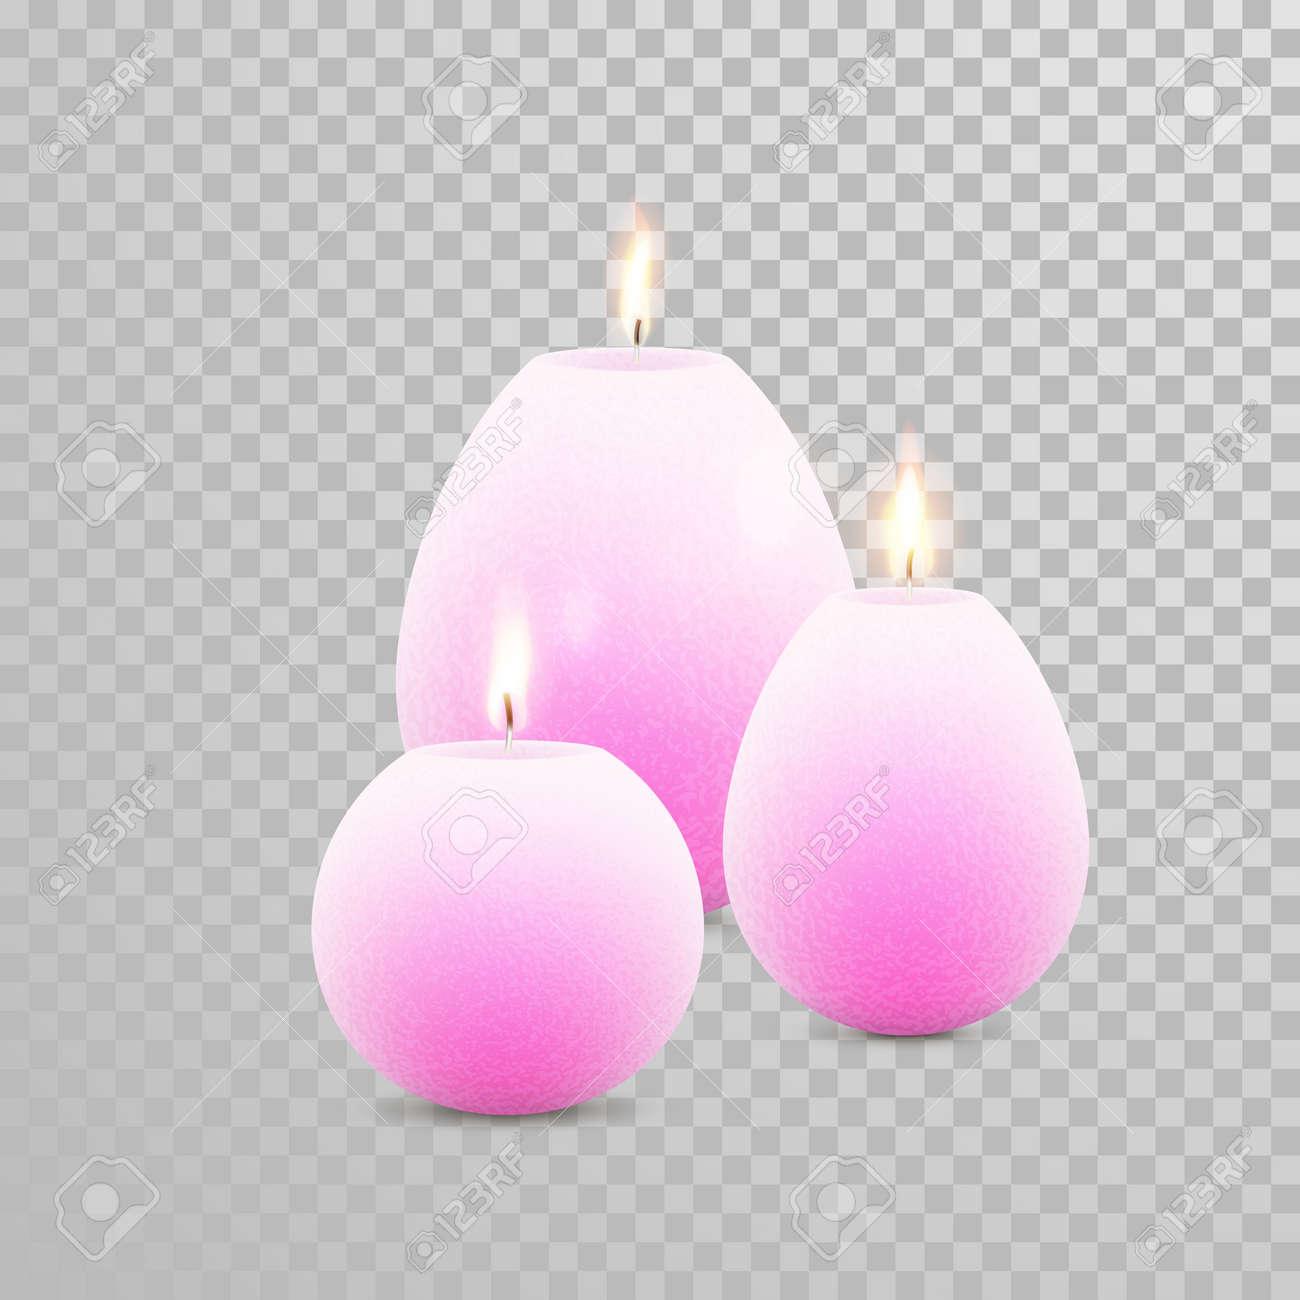 blancs décoratifs bougies de couleur perle fixés. vecteur 3d